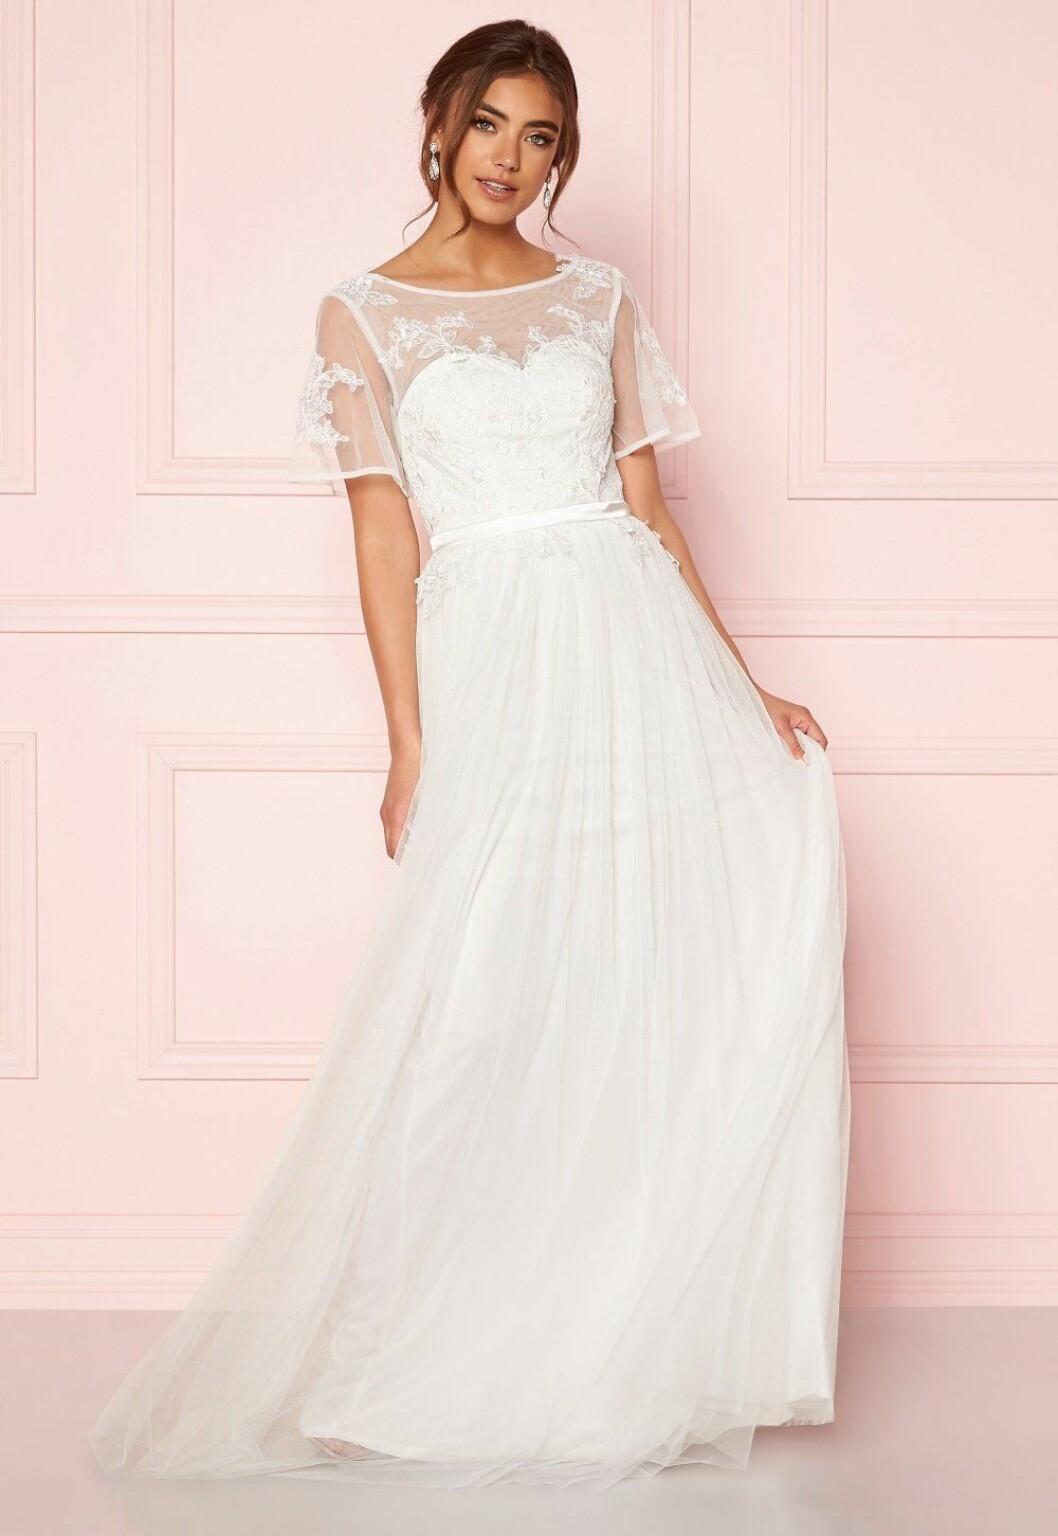 Vit brudklänning i mesh till 2020